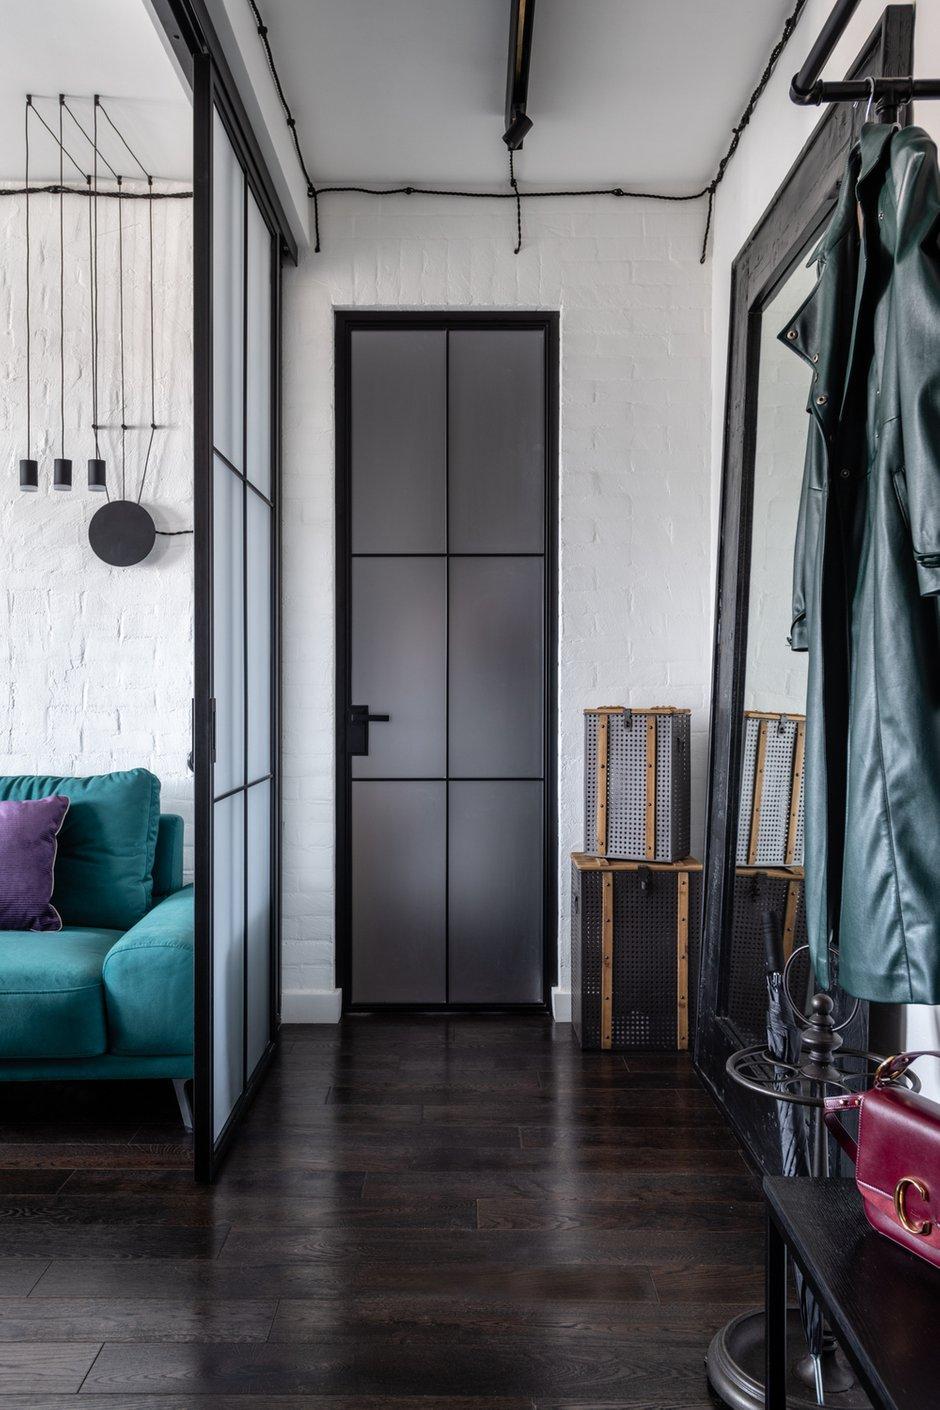 Фотография: Прихожая в стиле Лофт, Эклектика, Квартира, Проект недели, Москва, Кирпичный дом, 2 комнаты, 40-60 метров, Алина Палагина – фото на INMYROOM